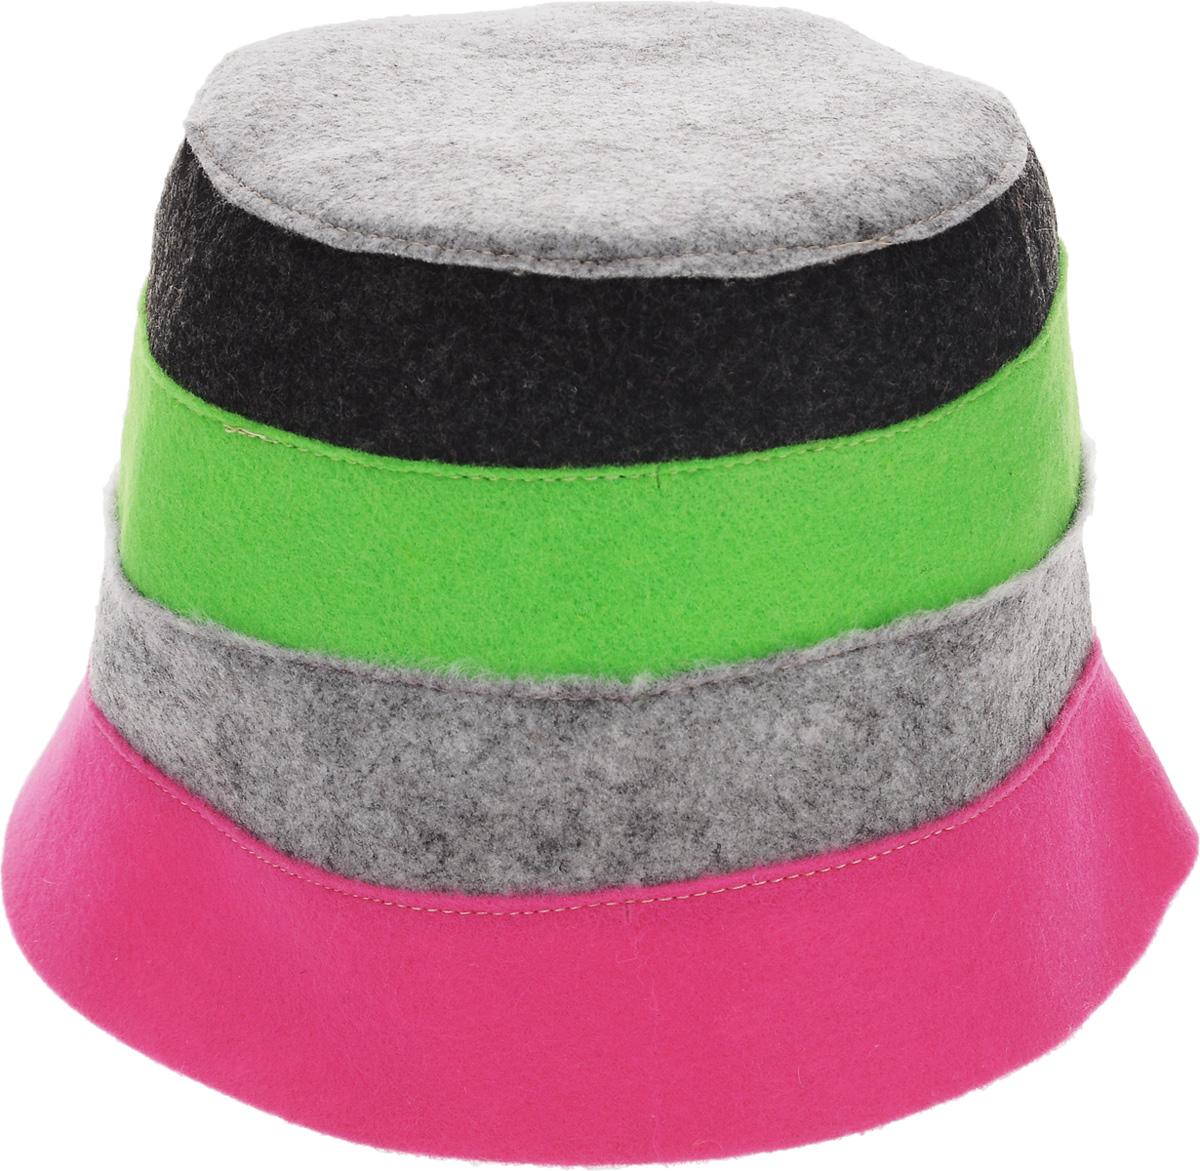 Шапка для бани и сауны Доктор баня В полоску, цвет: розовый, серый, зеленый787502Шапка для бани и сауны Доктор баня В полоску, выполненная из 100% полиэстера, является оригинальным и незаменимым аксессуаром для любителей попариться в русской бане и для тех, кто предпочитает сухой жар финской бани. Необычный дизайн изделия поможет сделать ваш отдых более приятным и разнообразным. При правильном уходе шапка прослужит долгое время - достаточно просушивать ее.Обхват головы: 60 см.